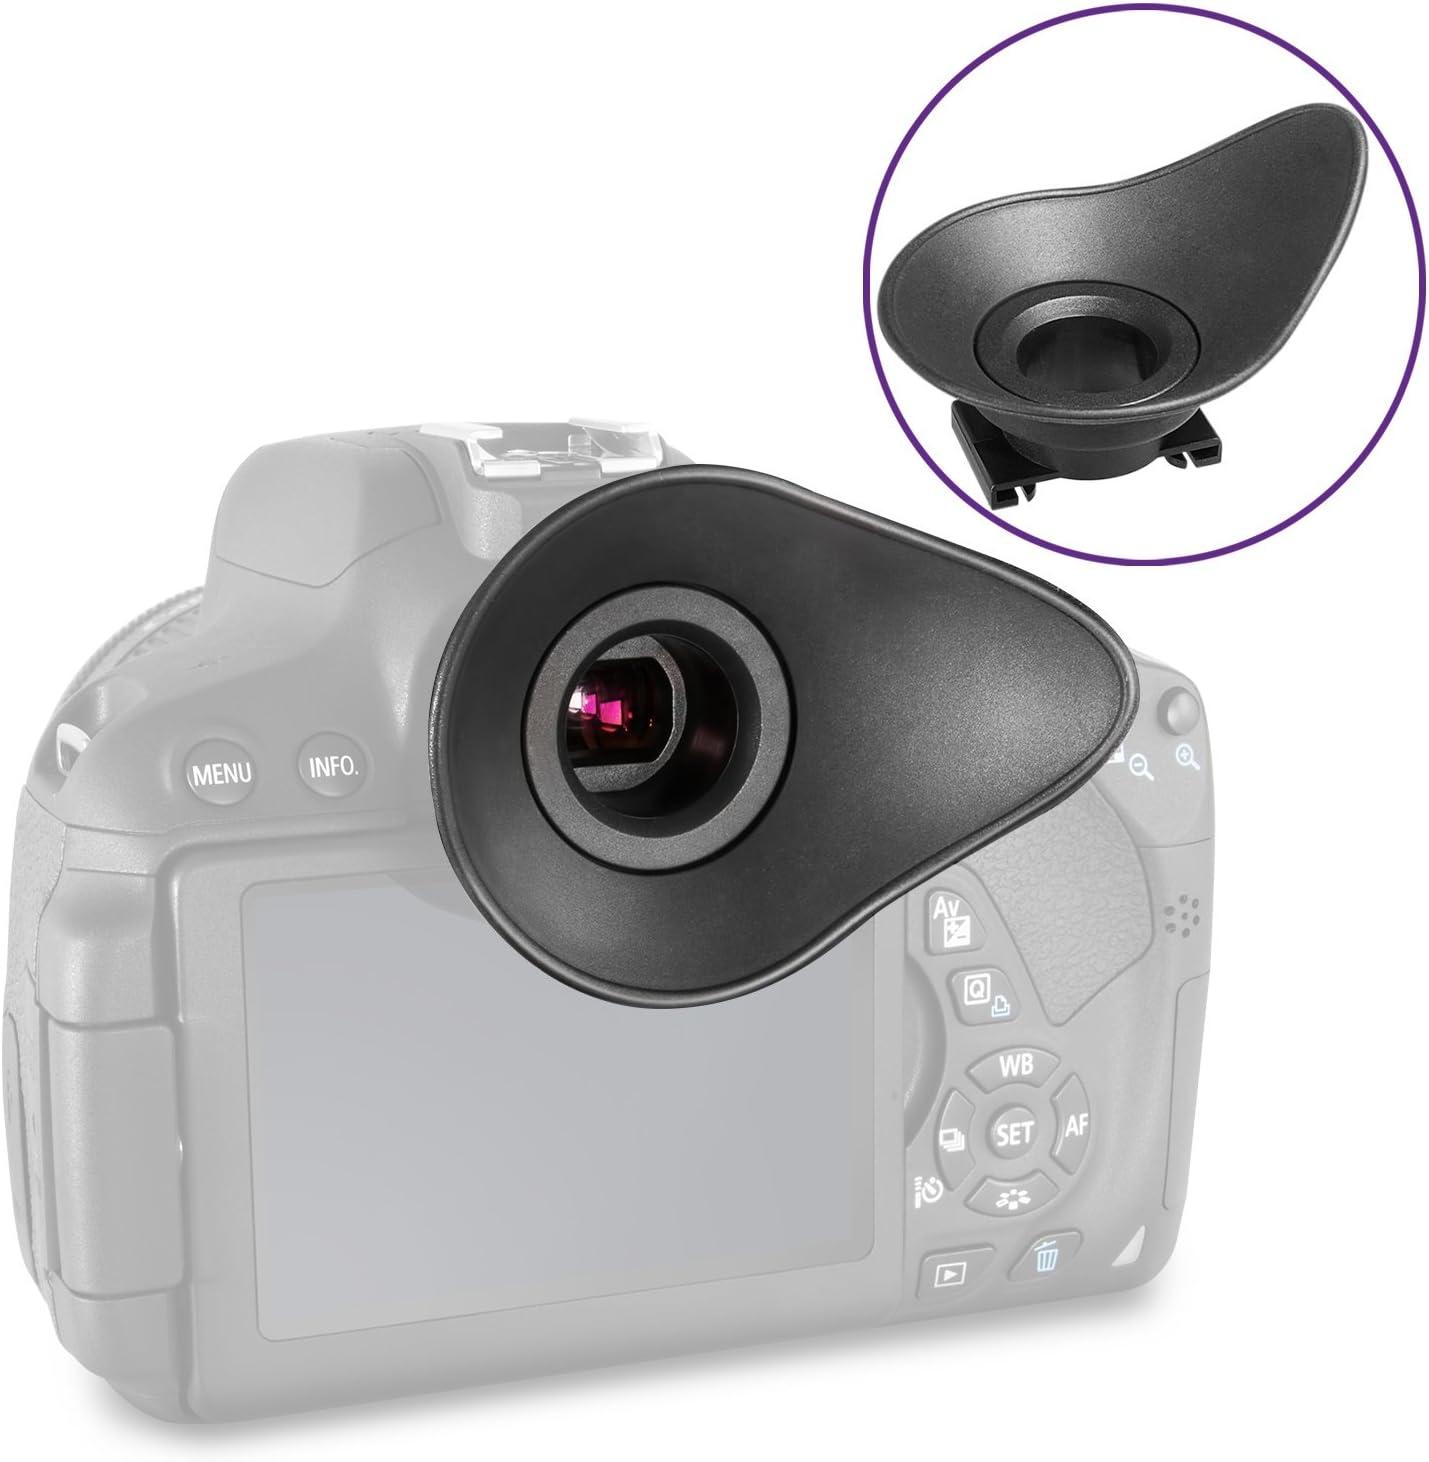 Oculare Canon rubbereyepiece Per Canon Ef 300D 650D Rebel TI Rebel XS Kiss 7